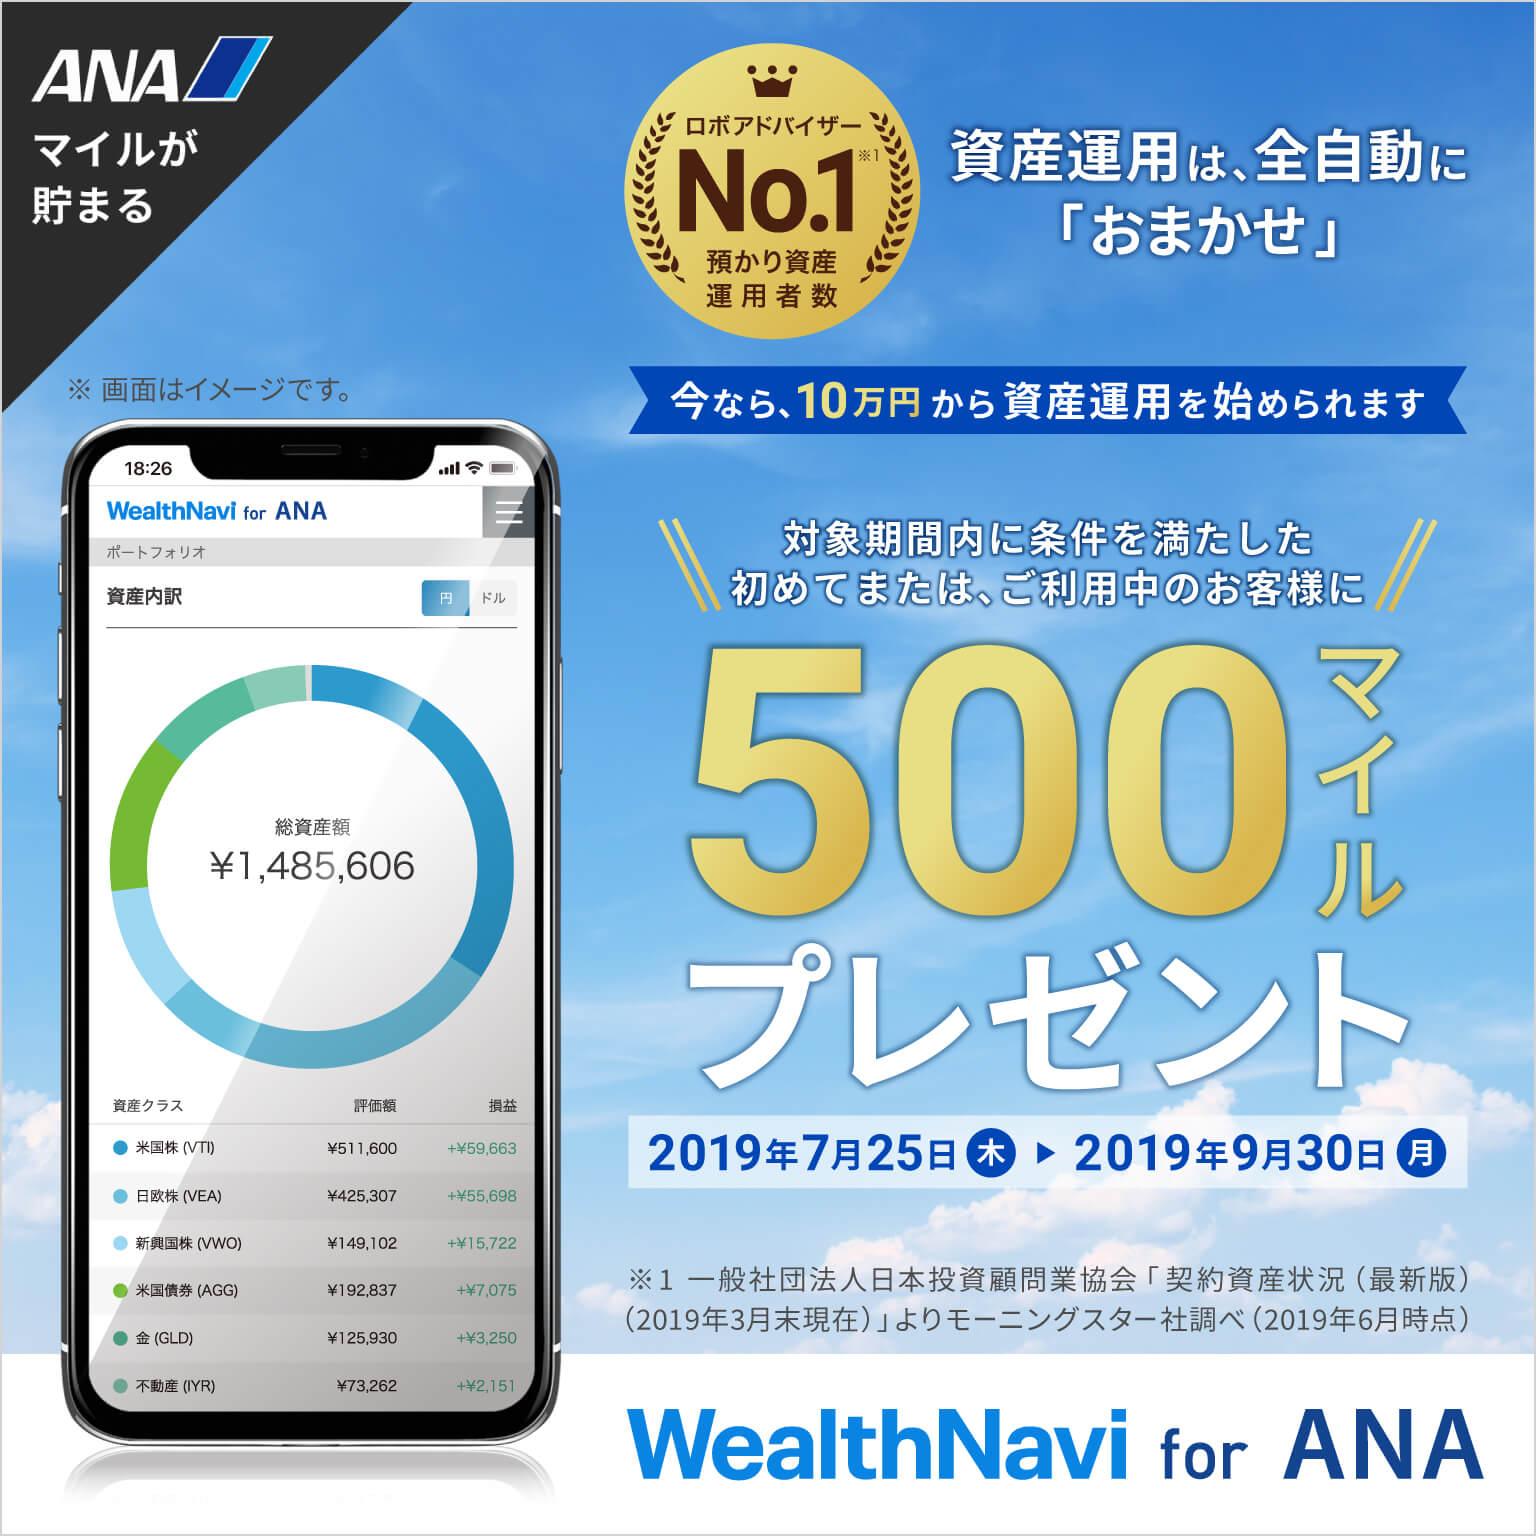 期間限定!最低投資金額10万円記念キャンペーン